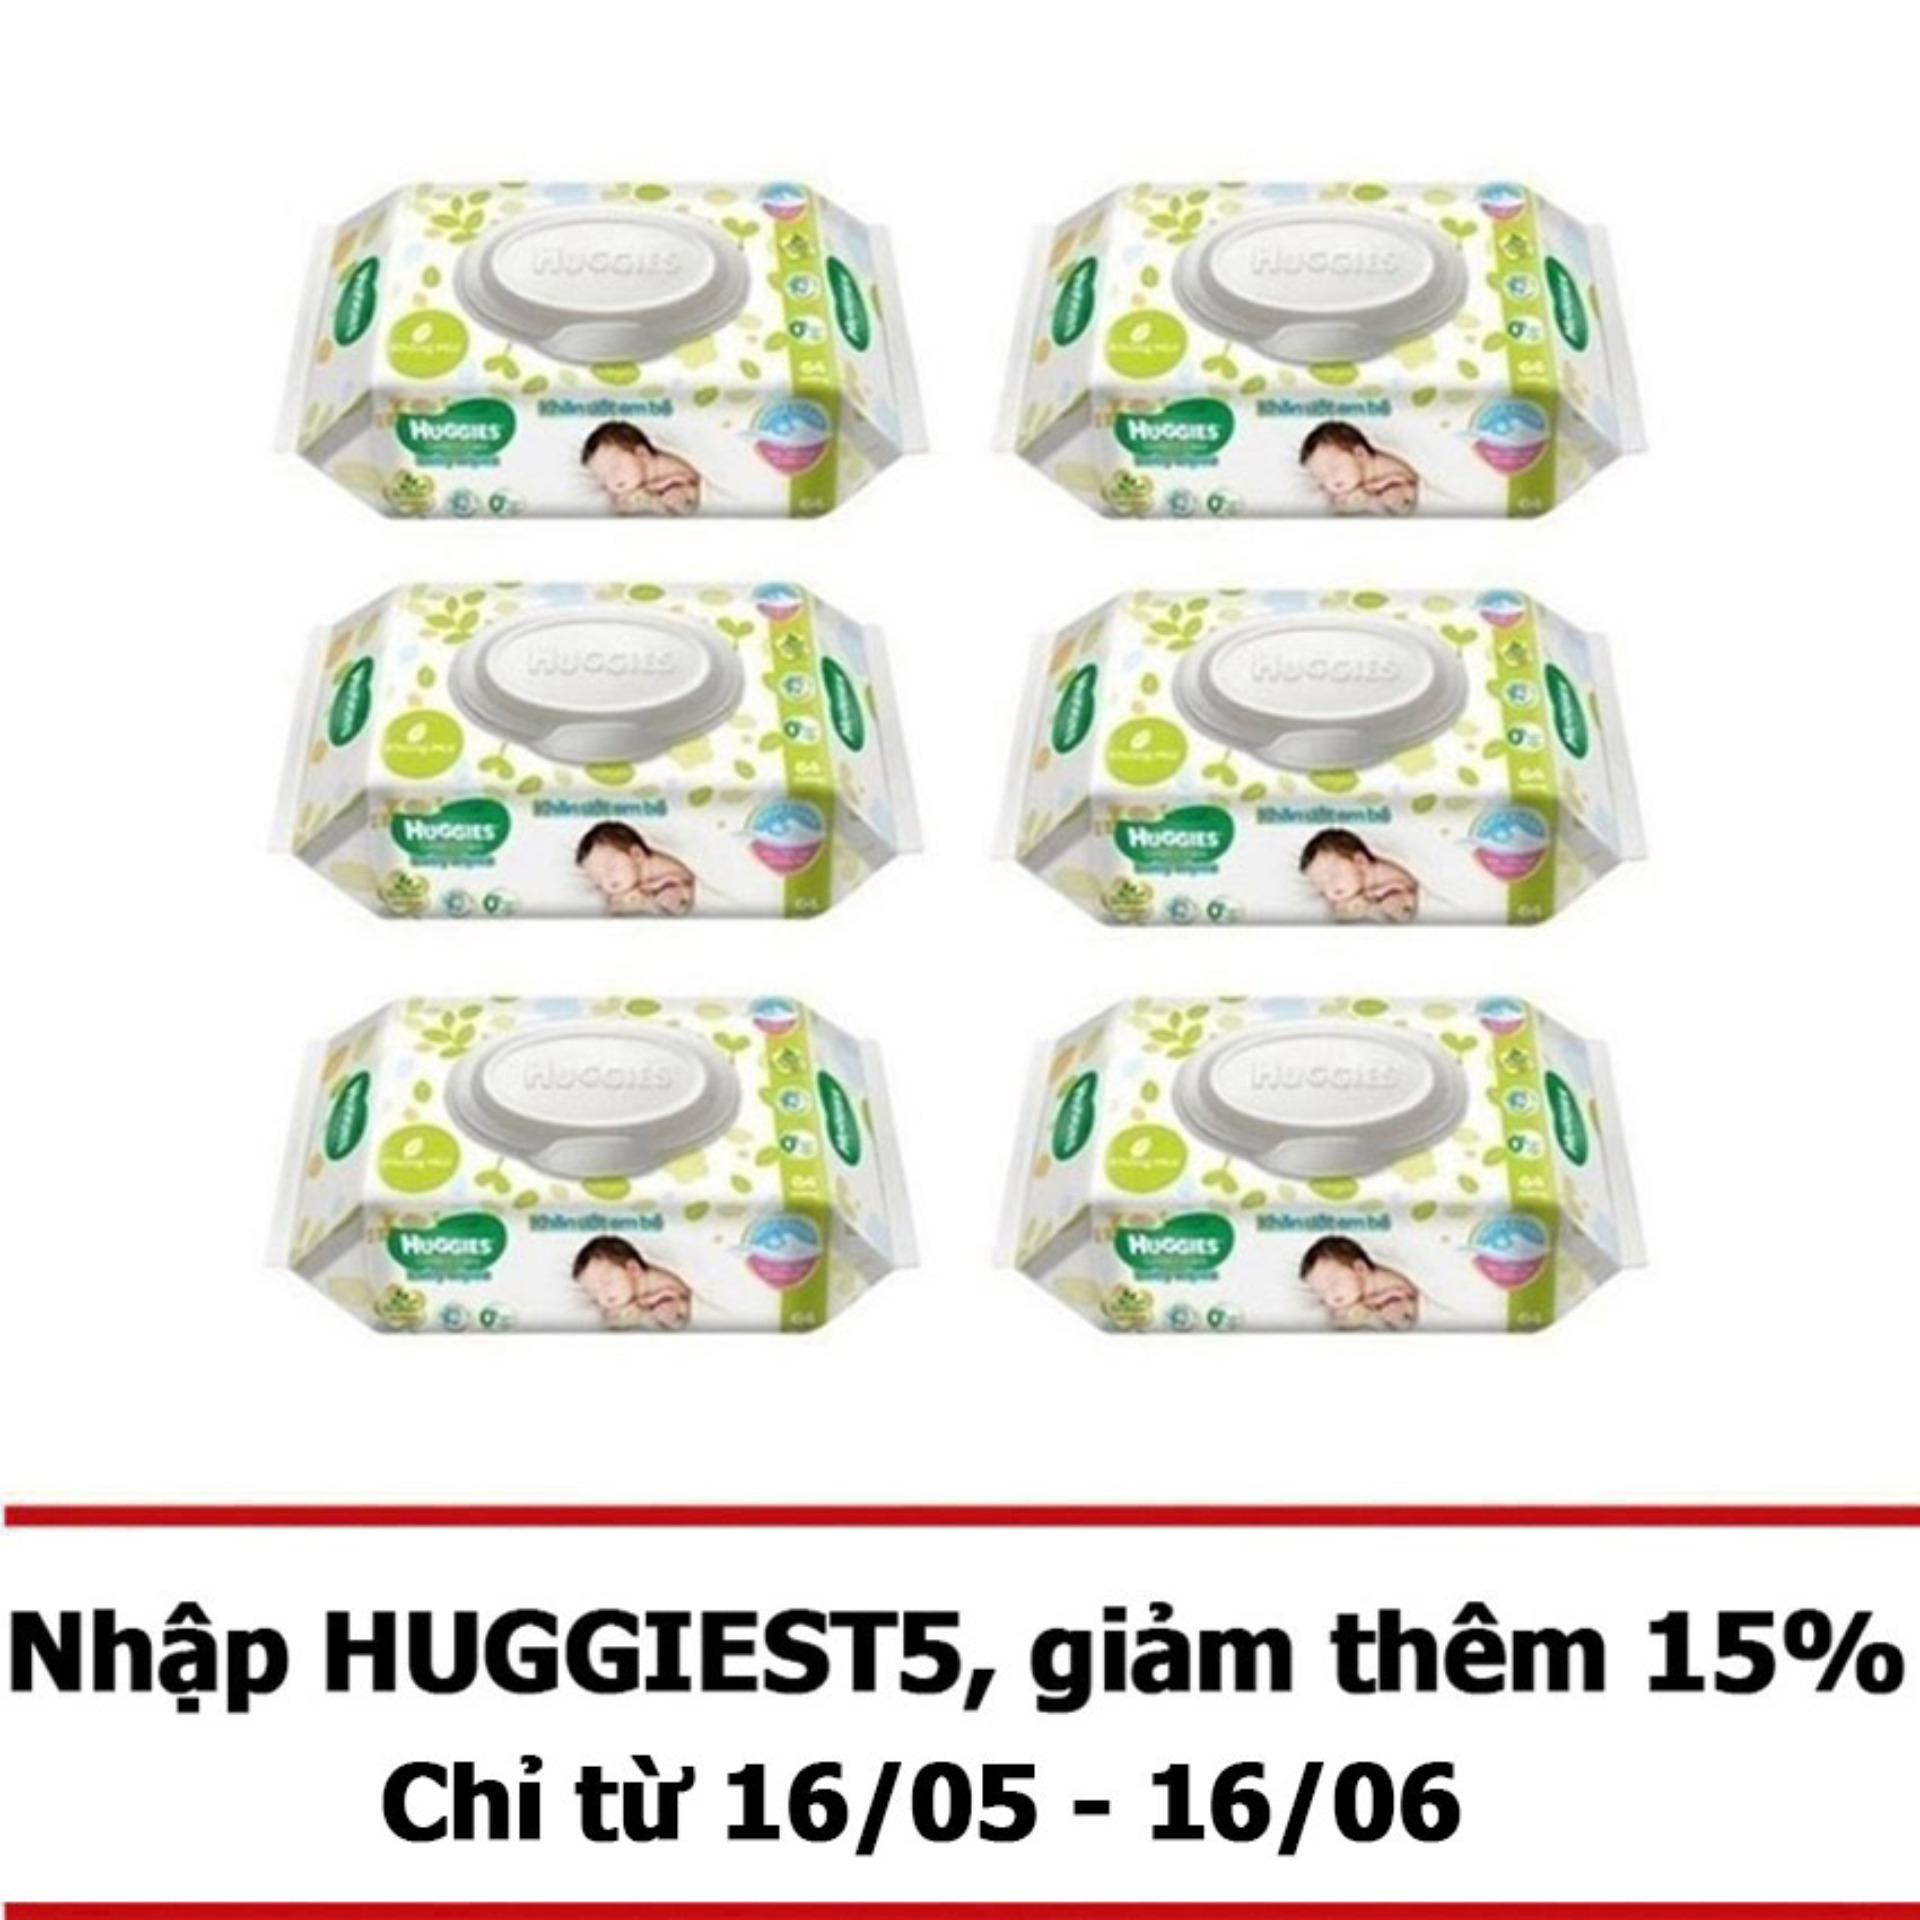 Bộ 6 gói khăn giấy ướt cho trẻ sơ sinh Huggies 64 tờ